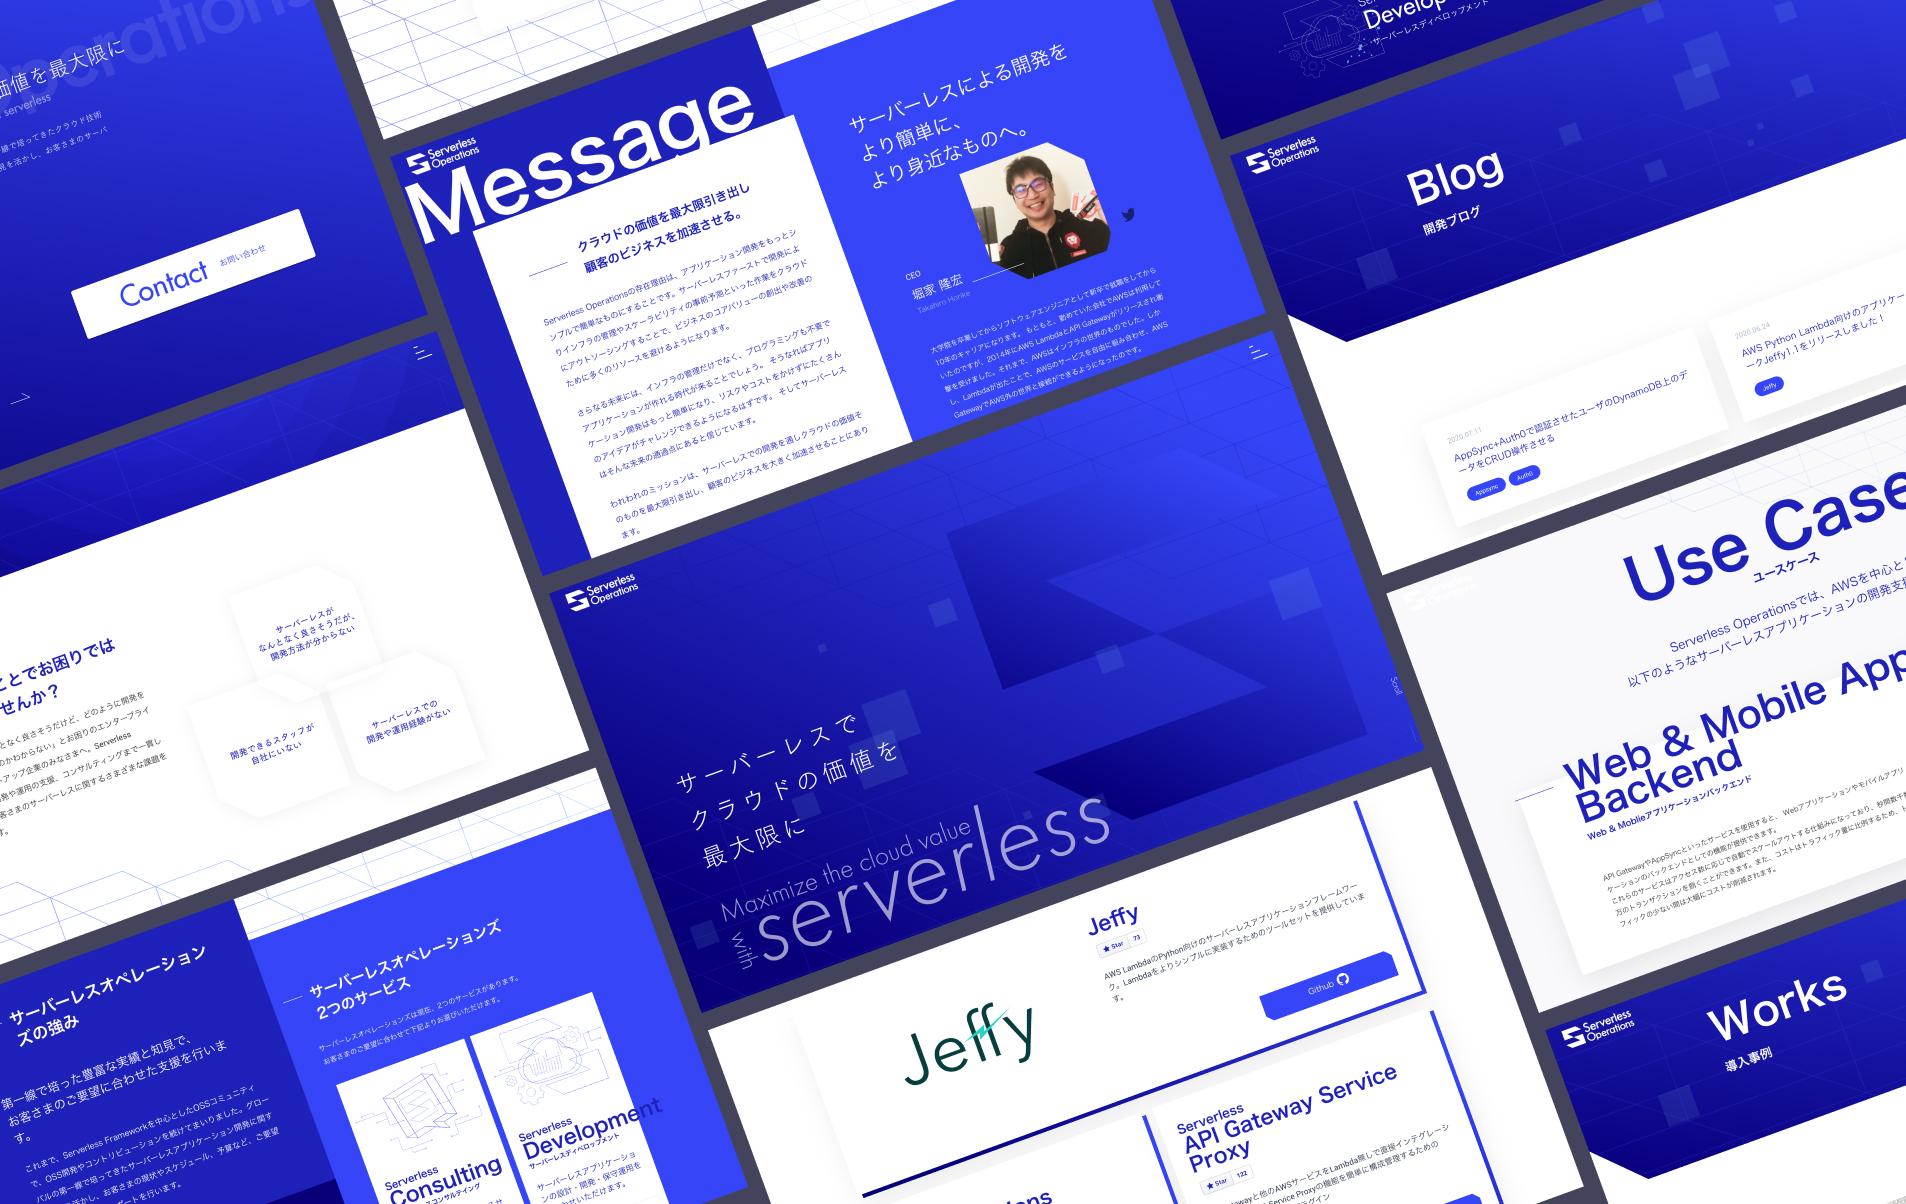 株式会社Serverless OperationsのPCサイトのモックアップ画像